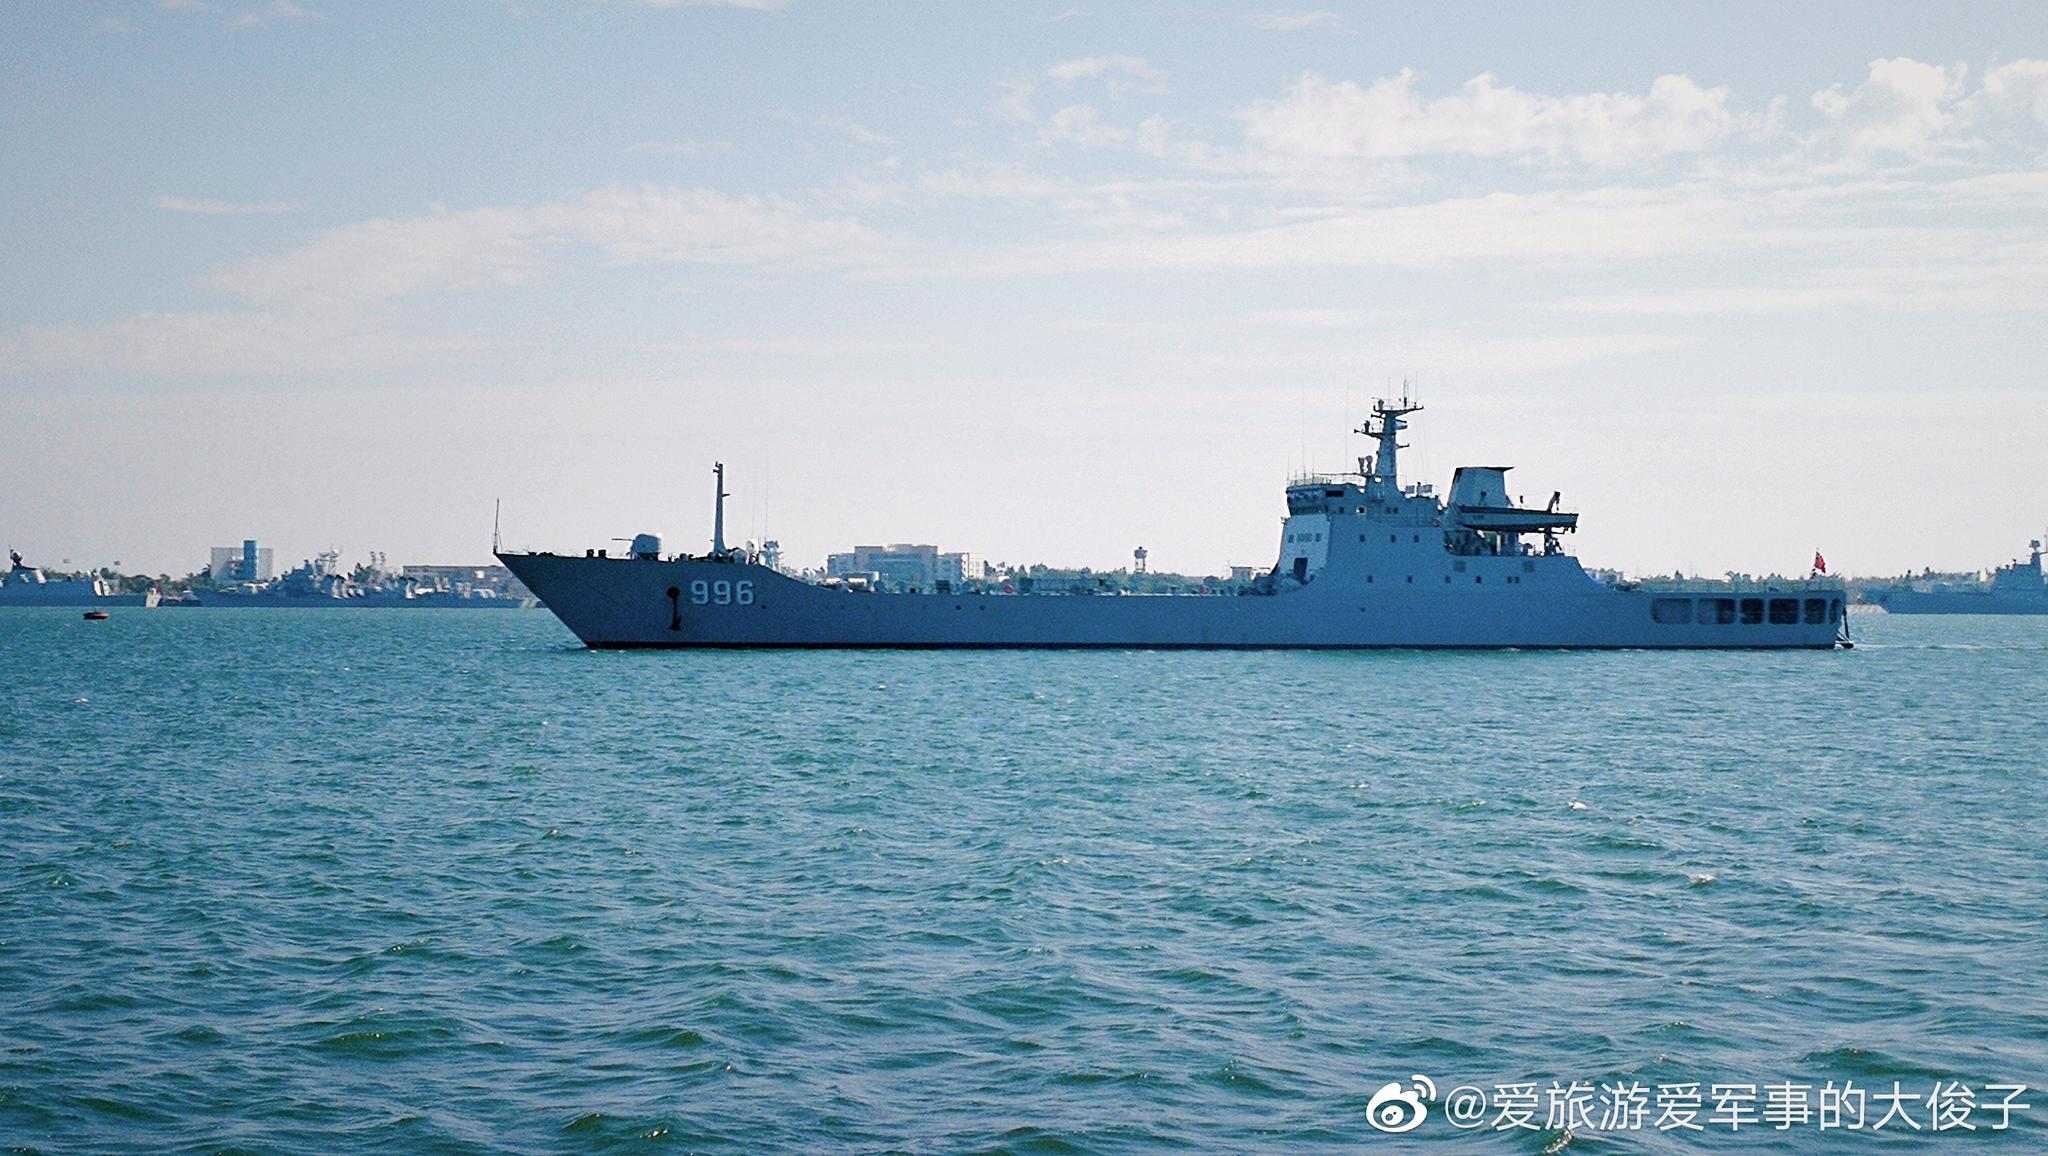 072A型坦克登陆舰996老铁山舰,大连造船厂建造